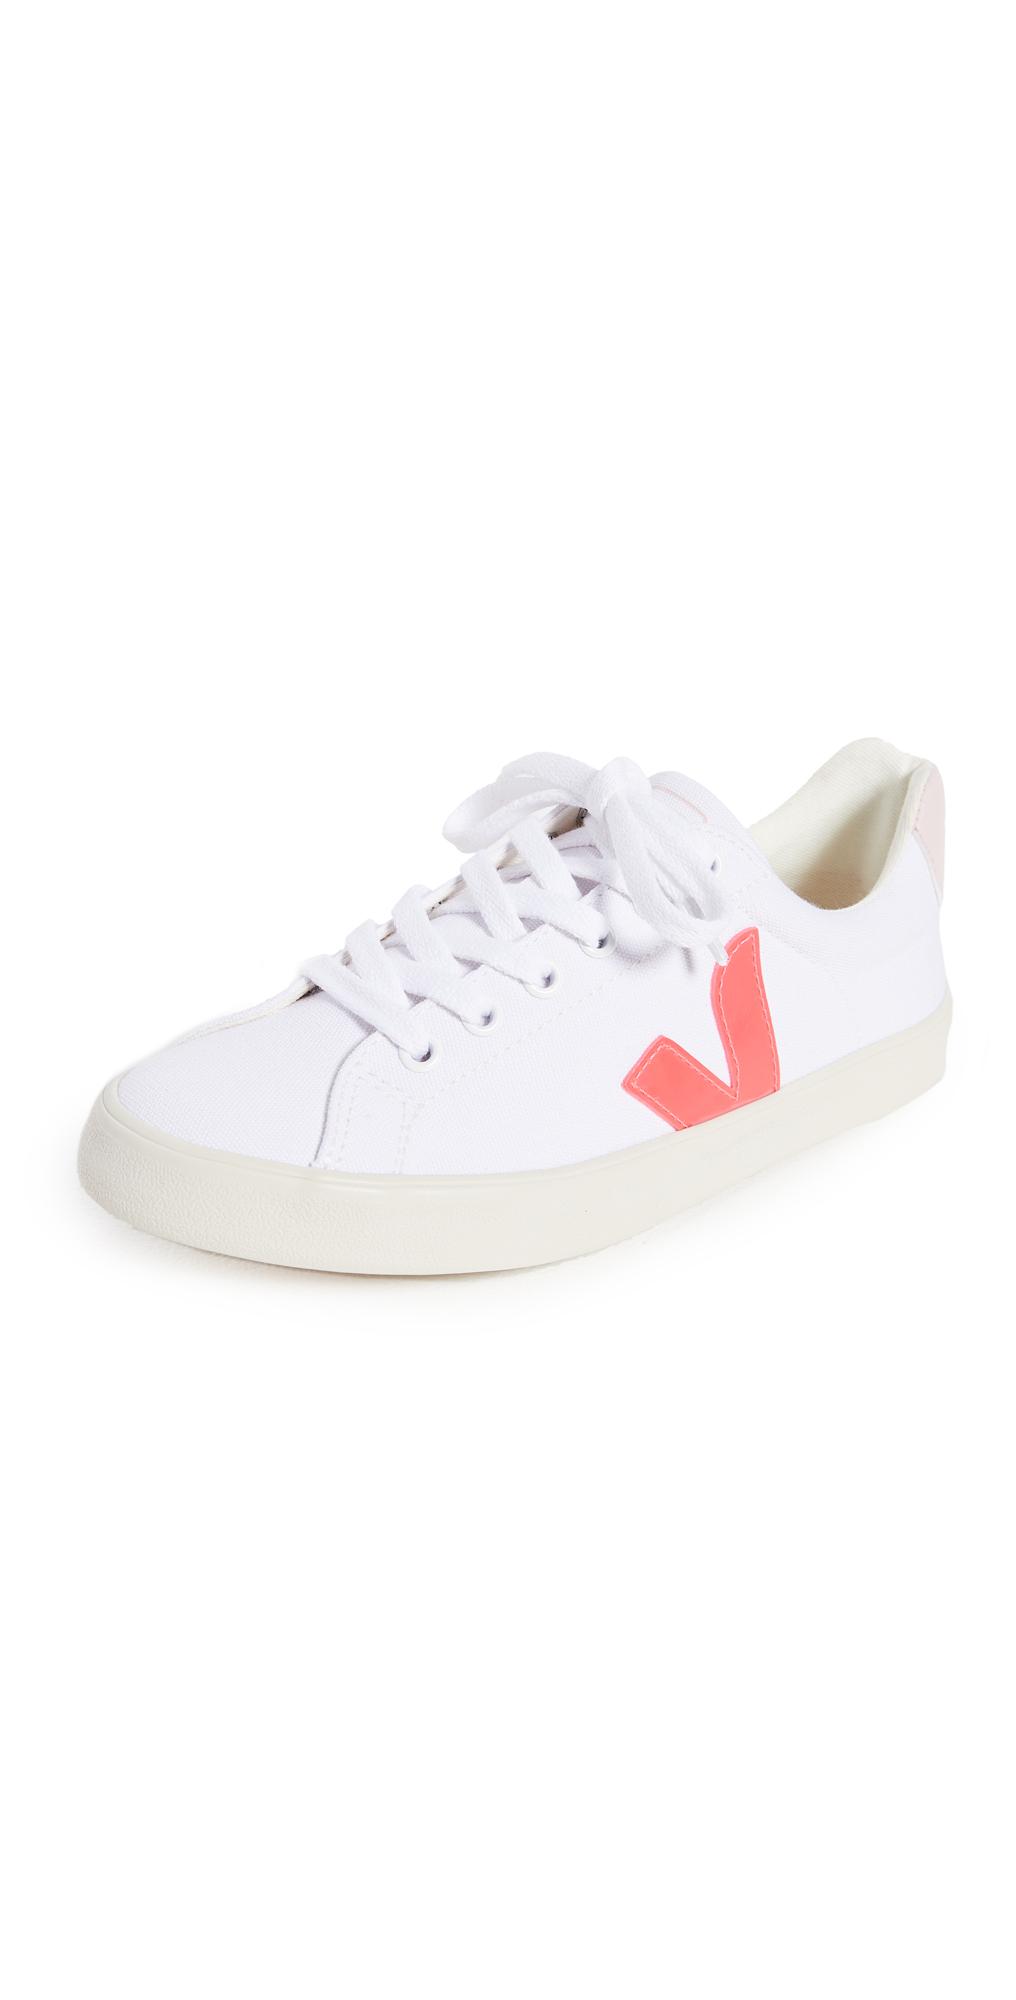 Veja Esplar Se Sneakers